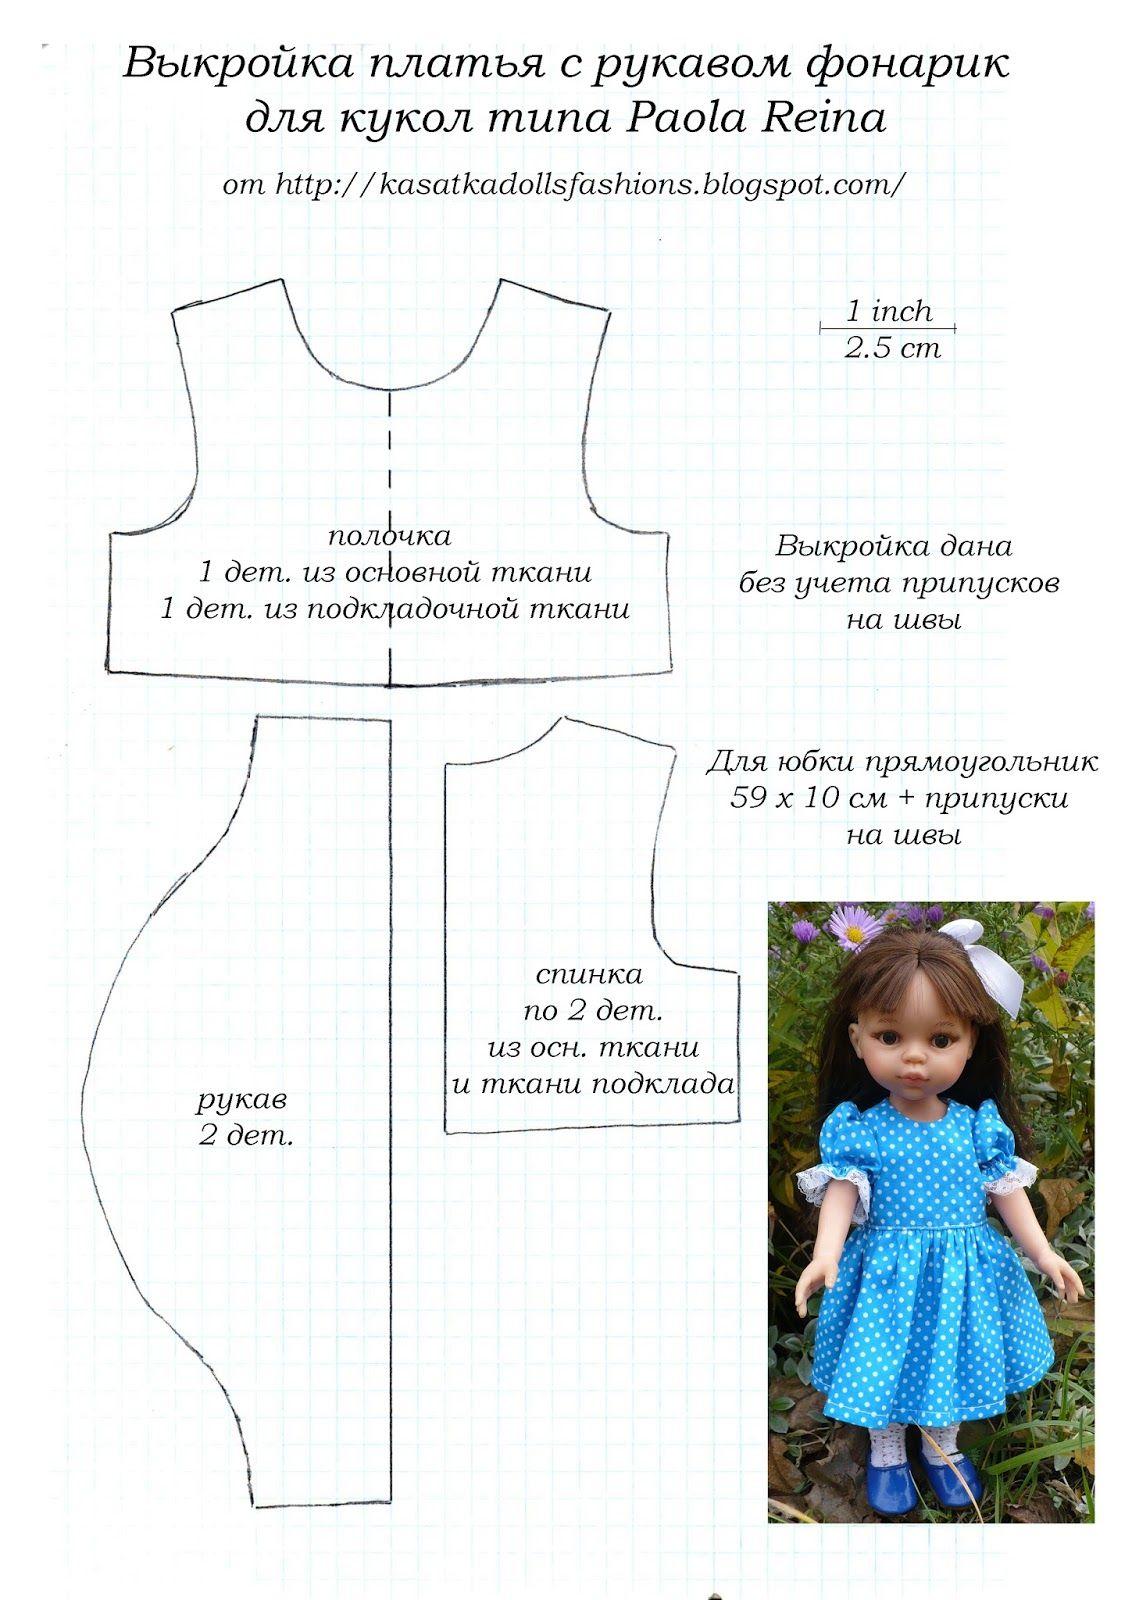 Как сшить одежду для кукол и выкройки